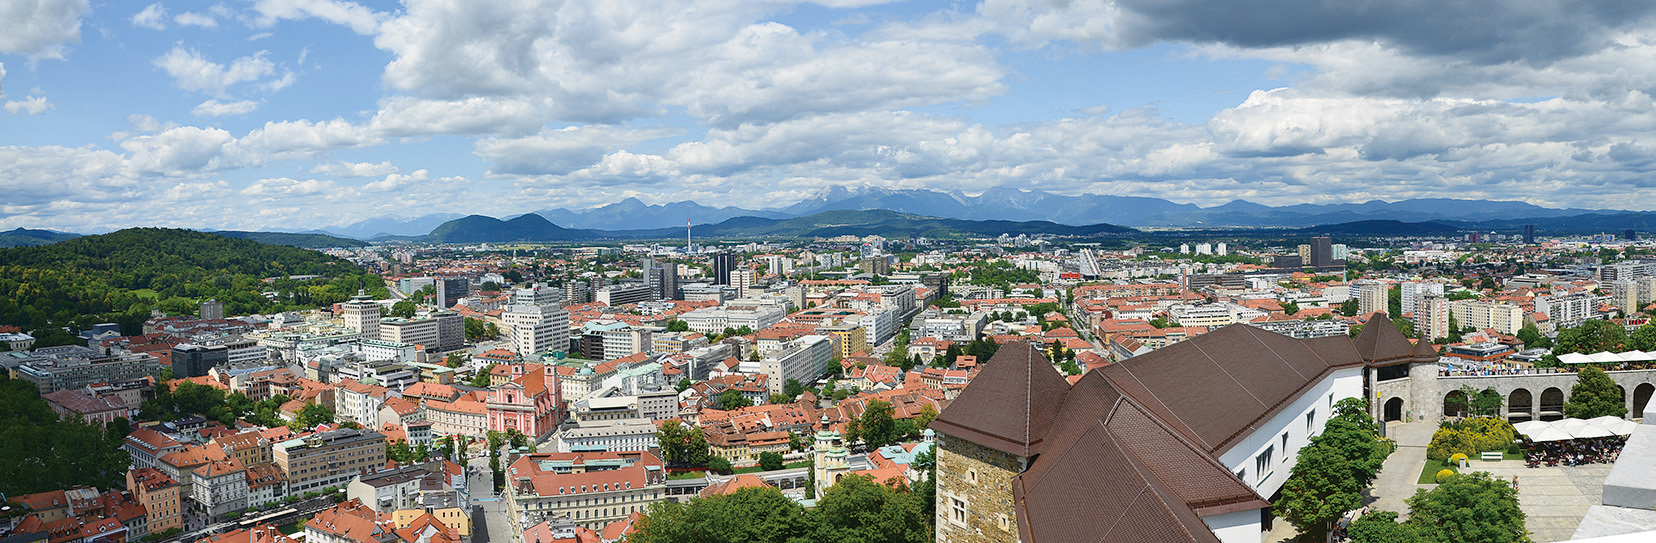 斯洛文尼亞迷你首都盧比安納。(Miran Rebrec/維基百科)